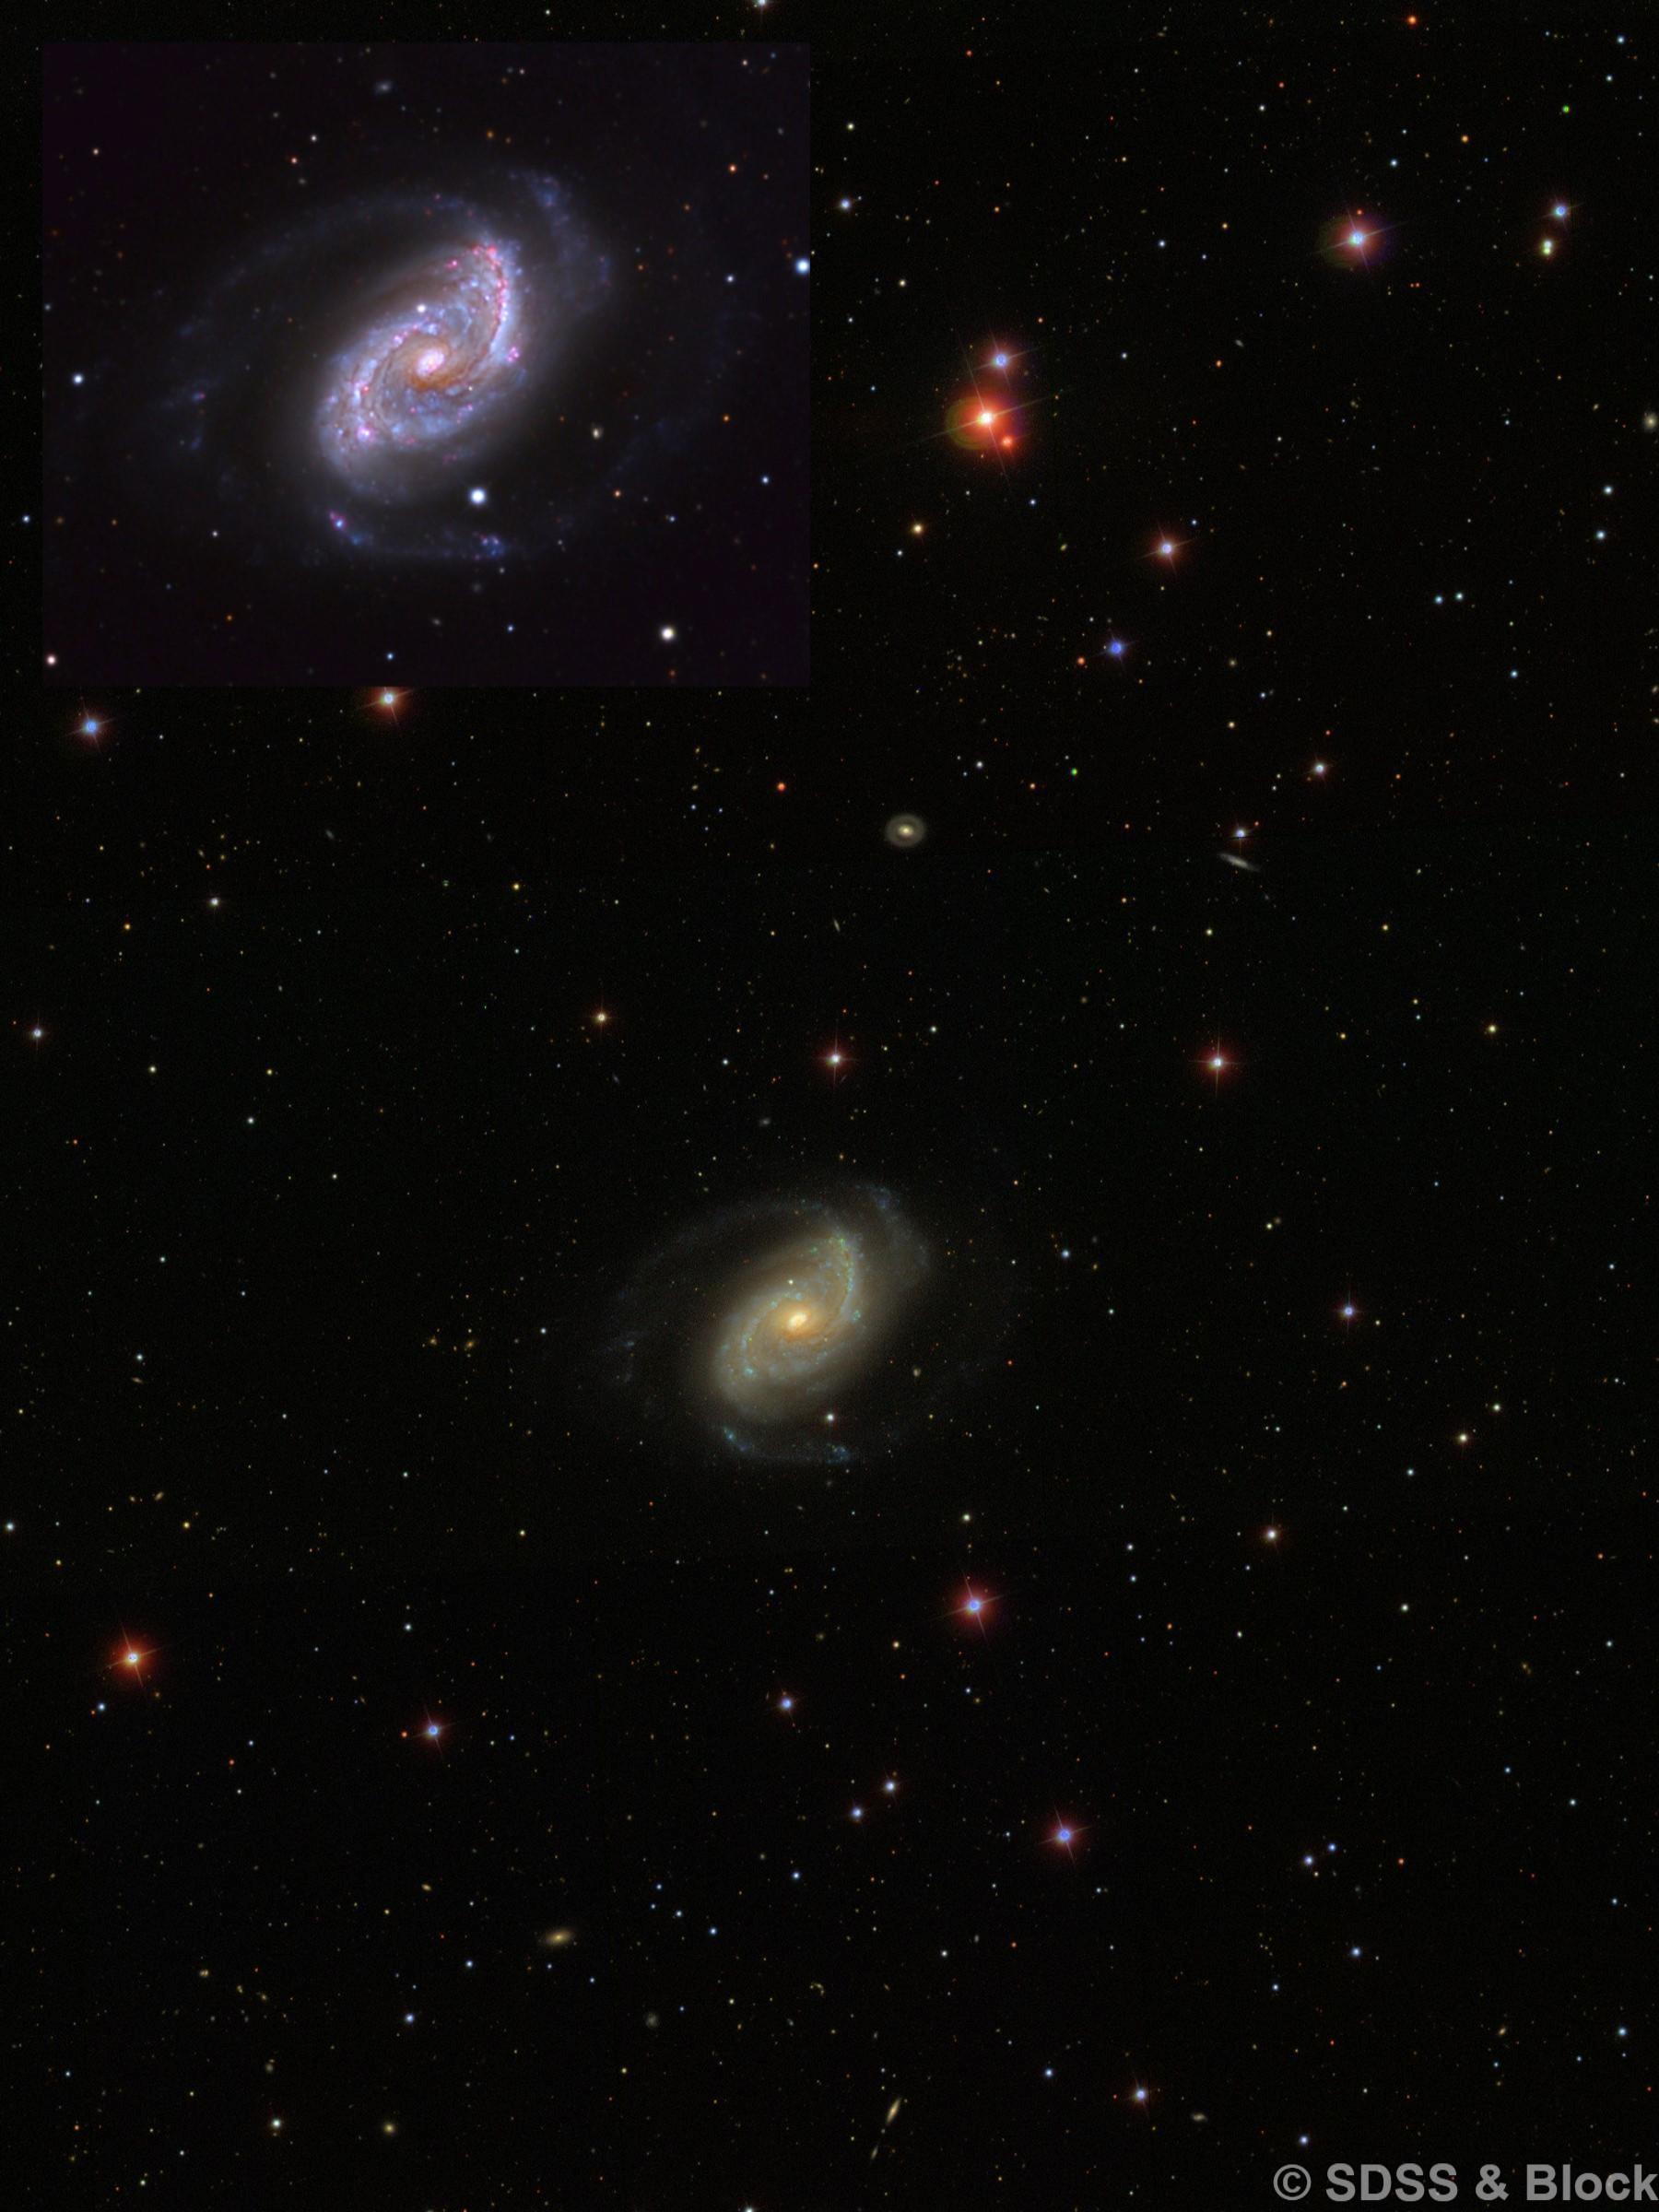 NGC 5248